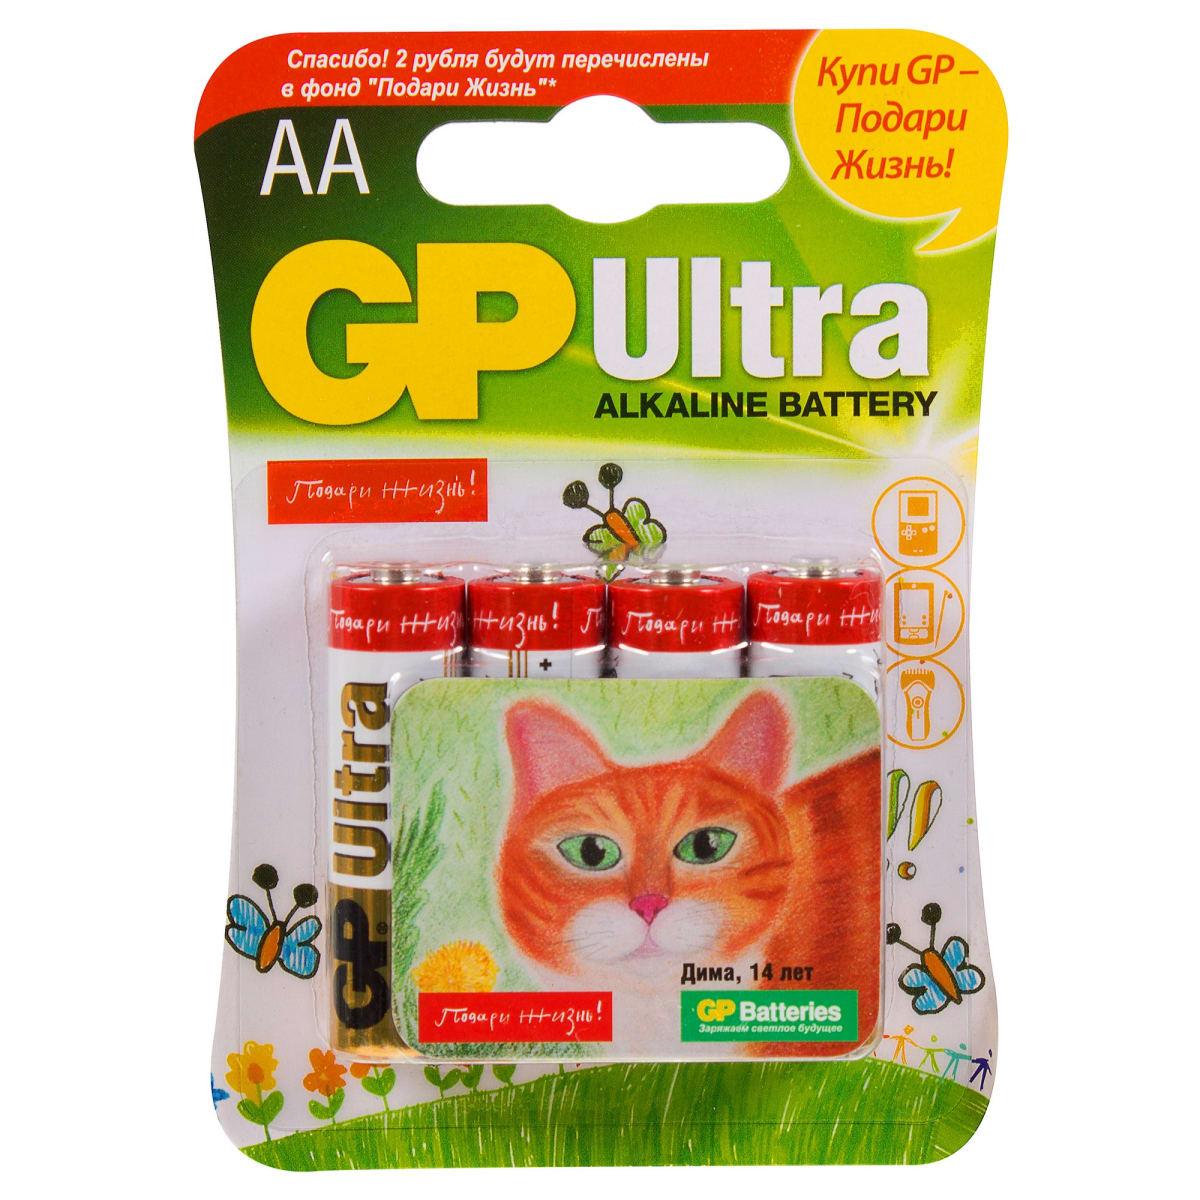 Батарейка алкалиновая GP Ultra AАA 15 А и магнит, 4 шт.